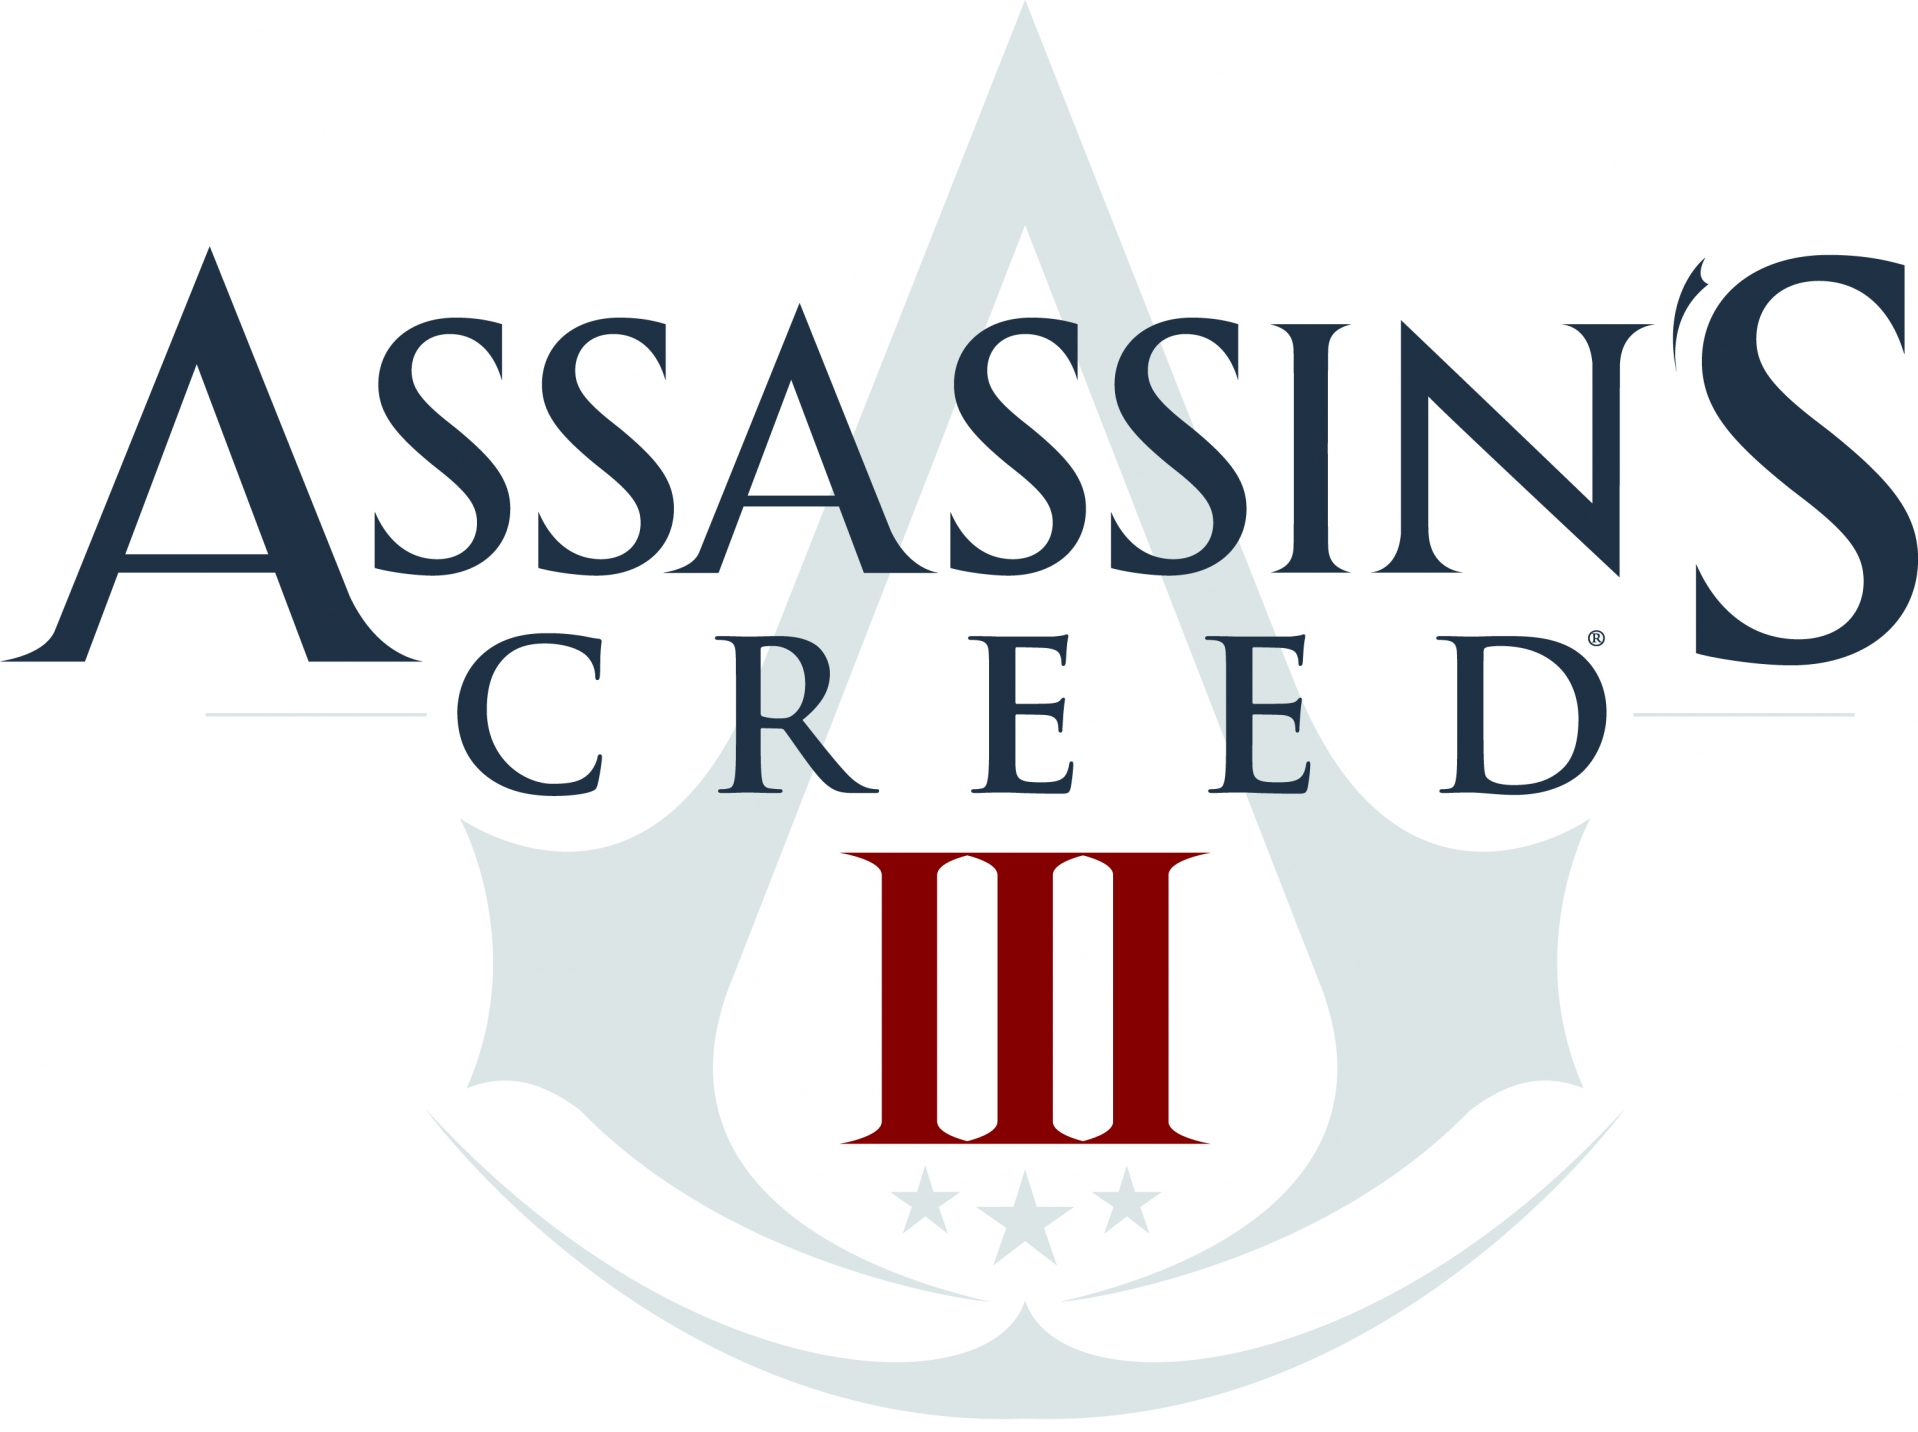 Ubisoft Montreal